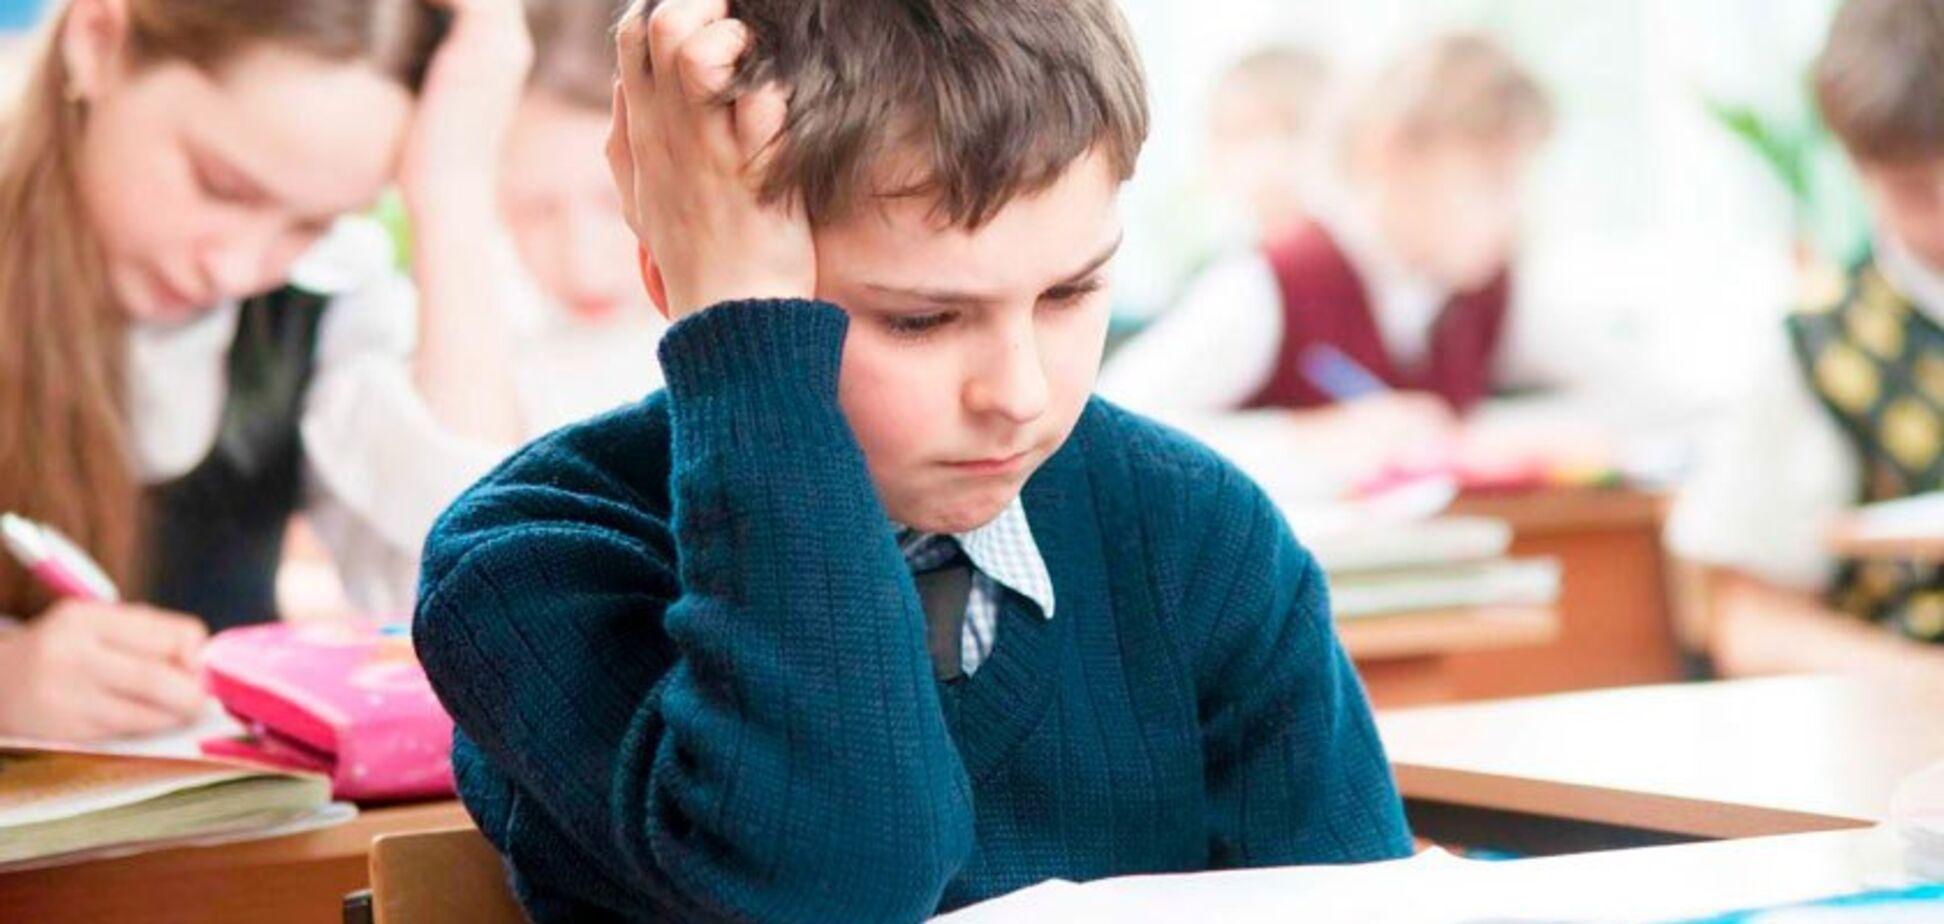 Хибне добро: чому діти мають говорити російською заради переселенців?